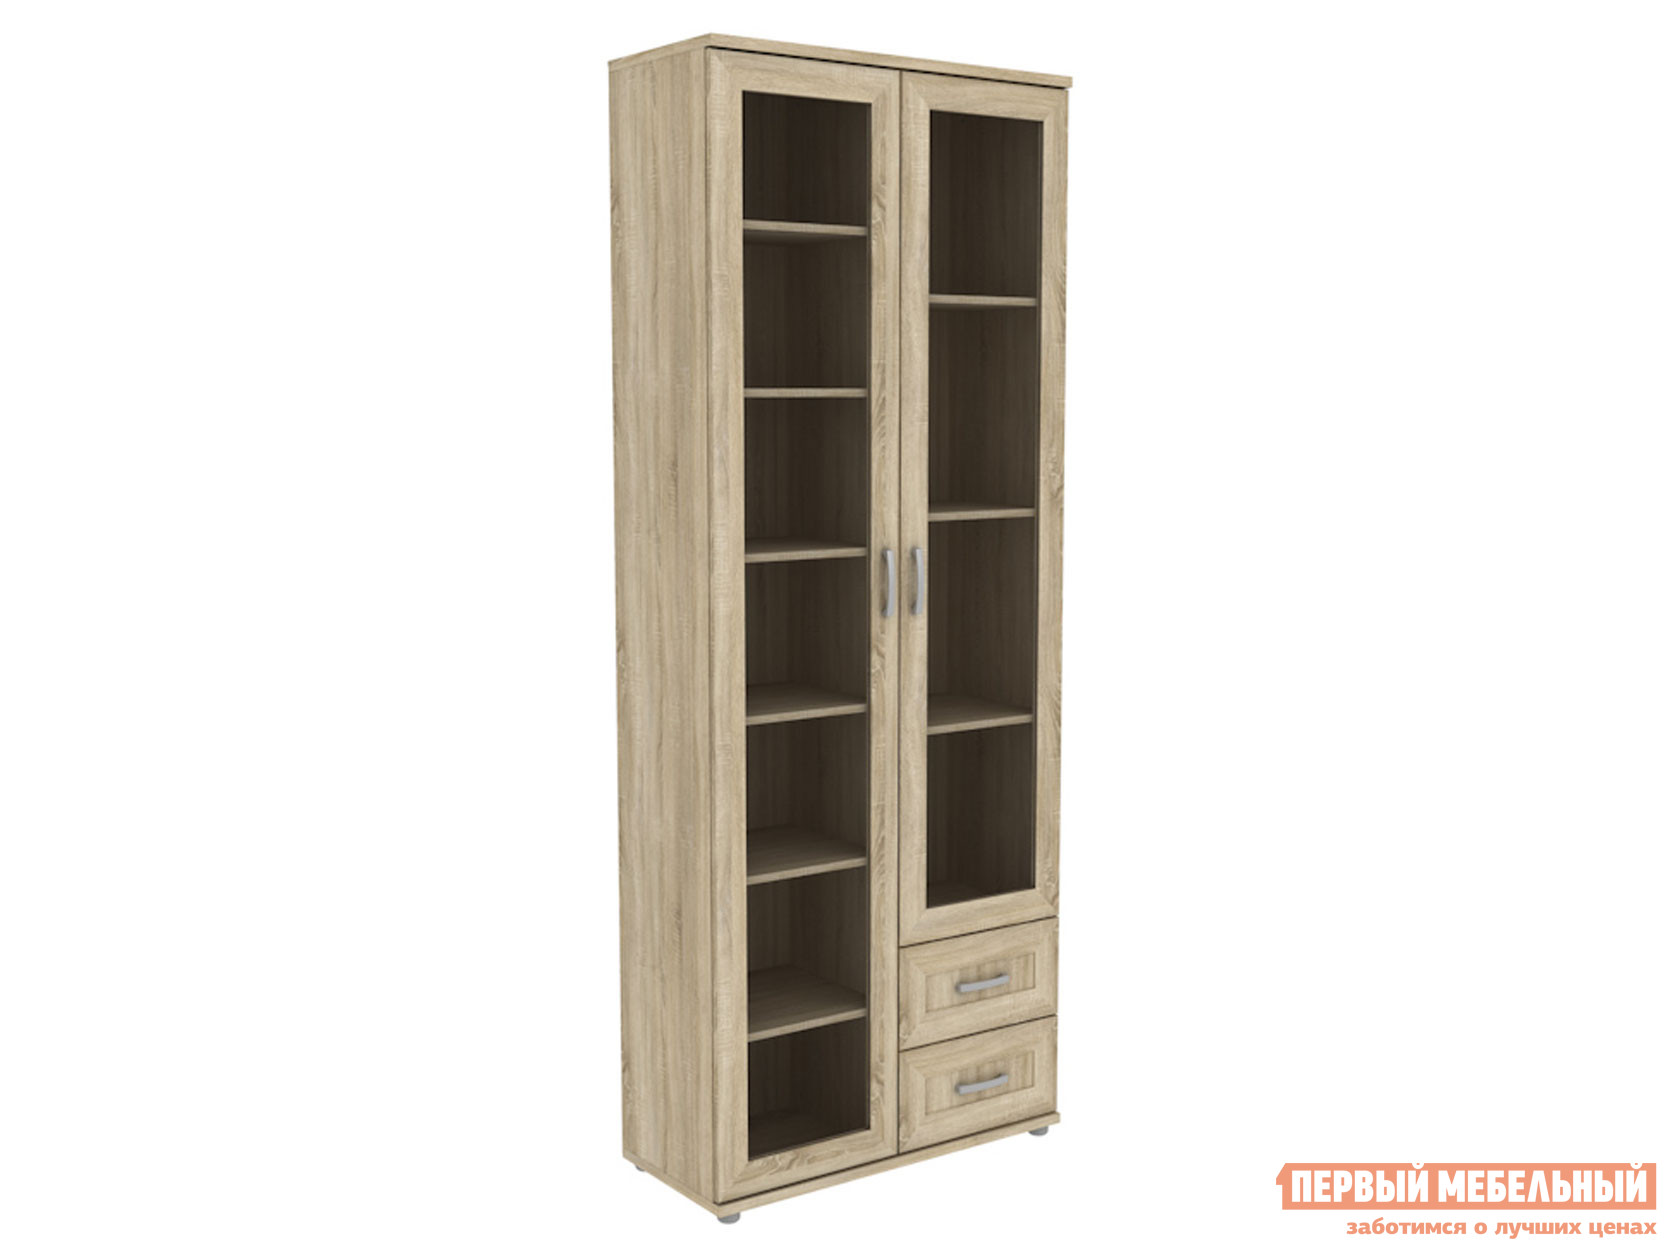 Шкаф-витрина Первый Мебельный Леруа АРТ 502.13 Шкаф для книг